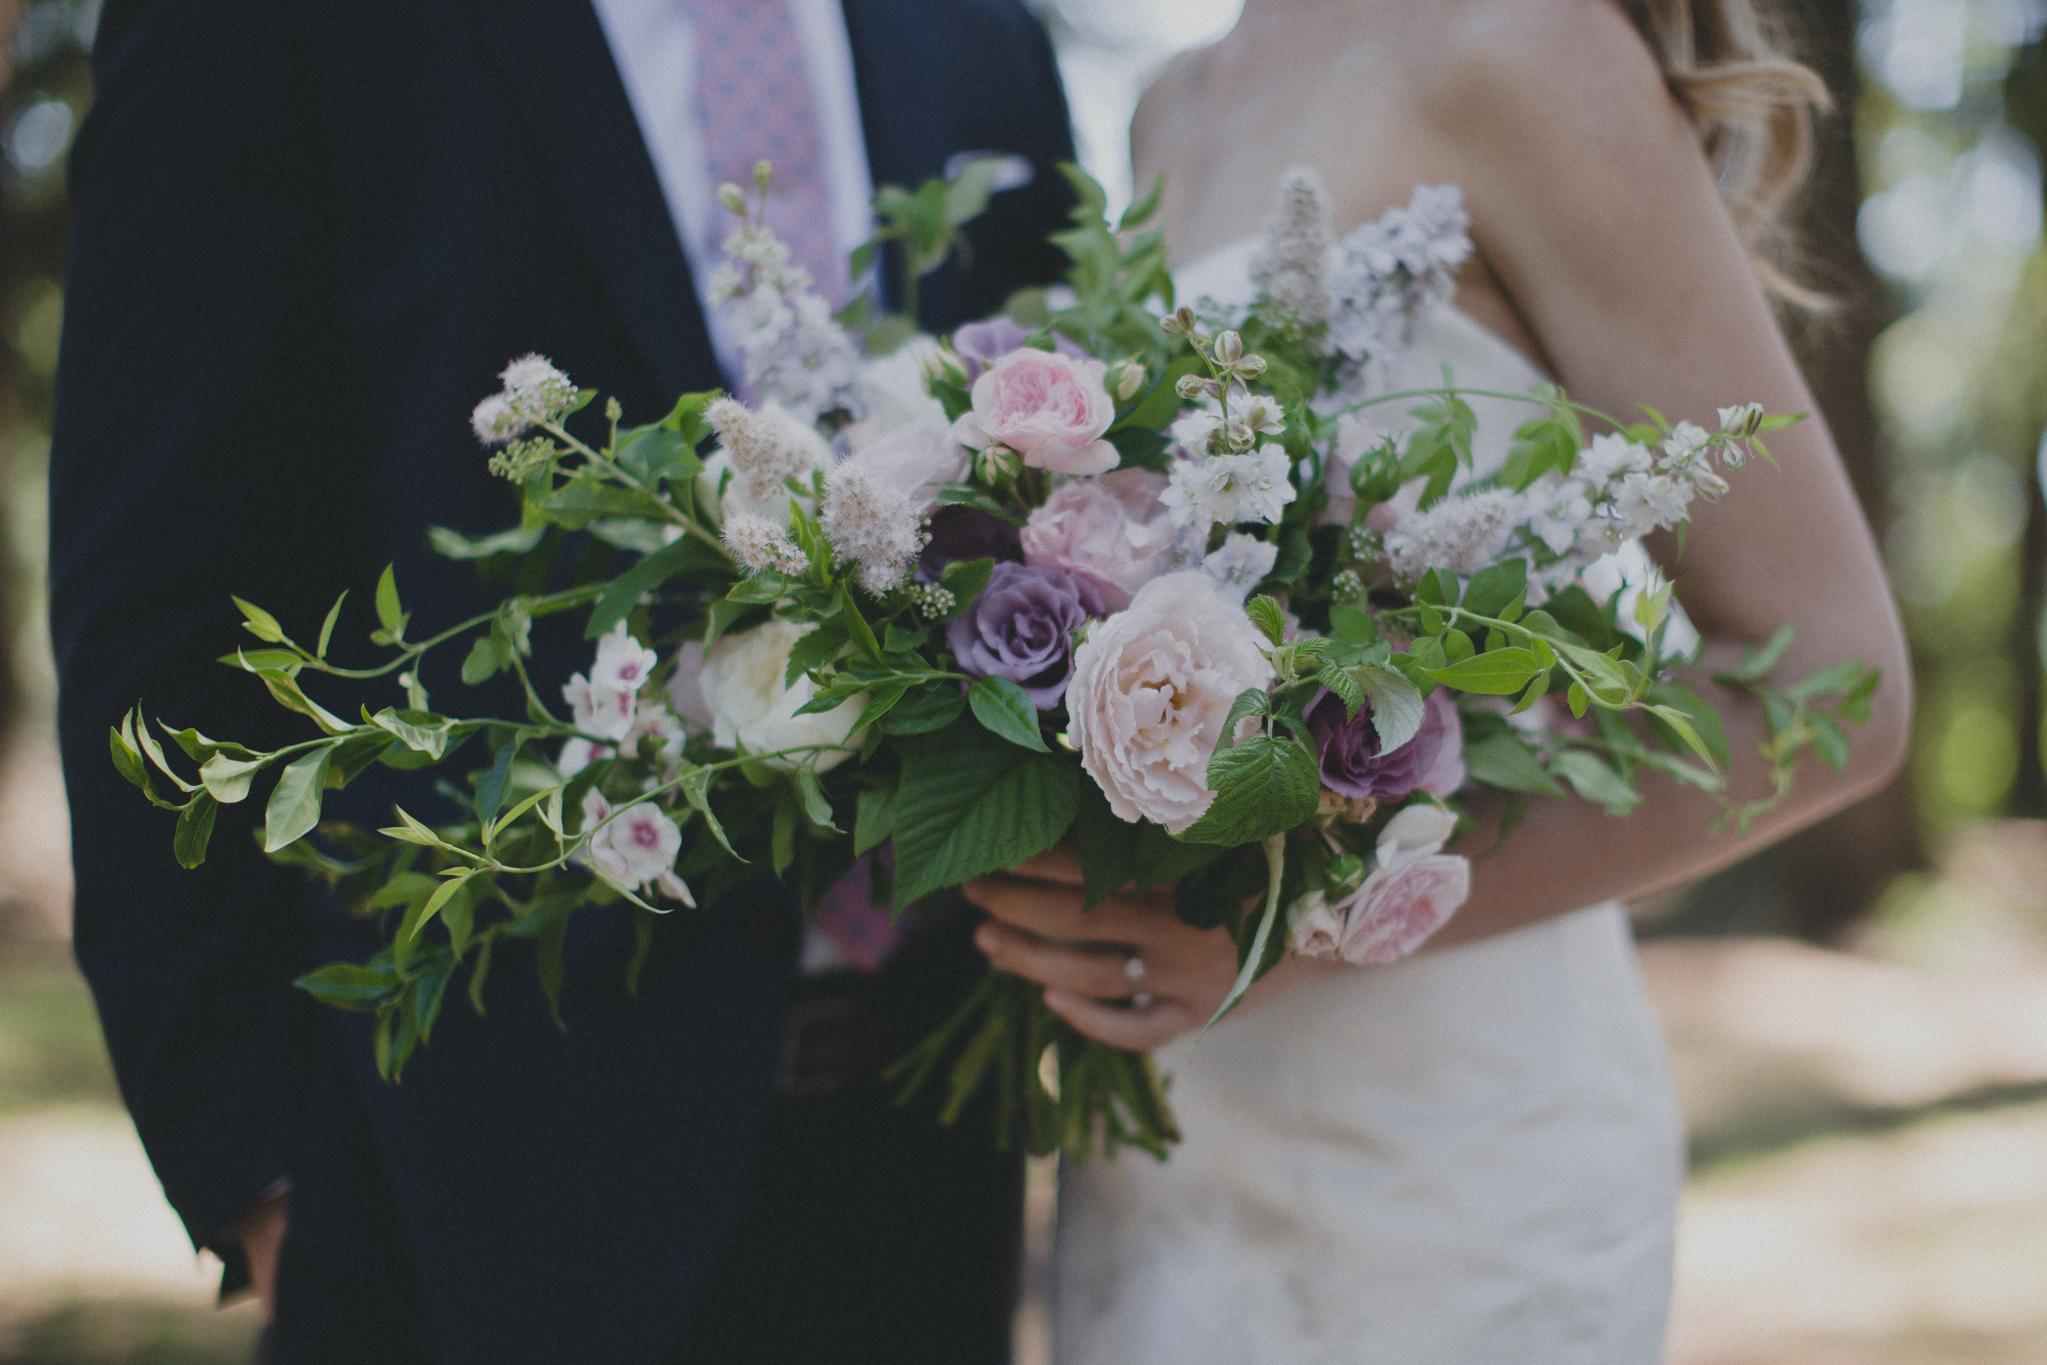 intimate_garden-wedding_portland_bouquet.jpg